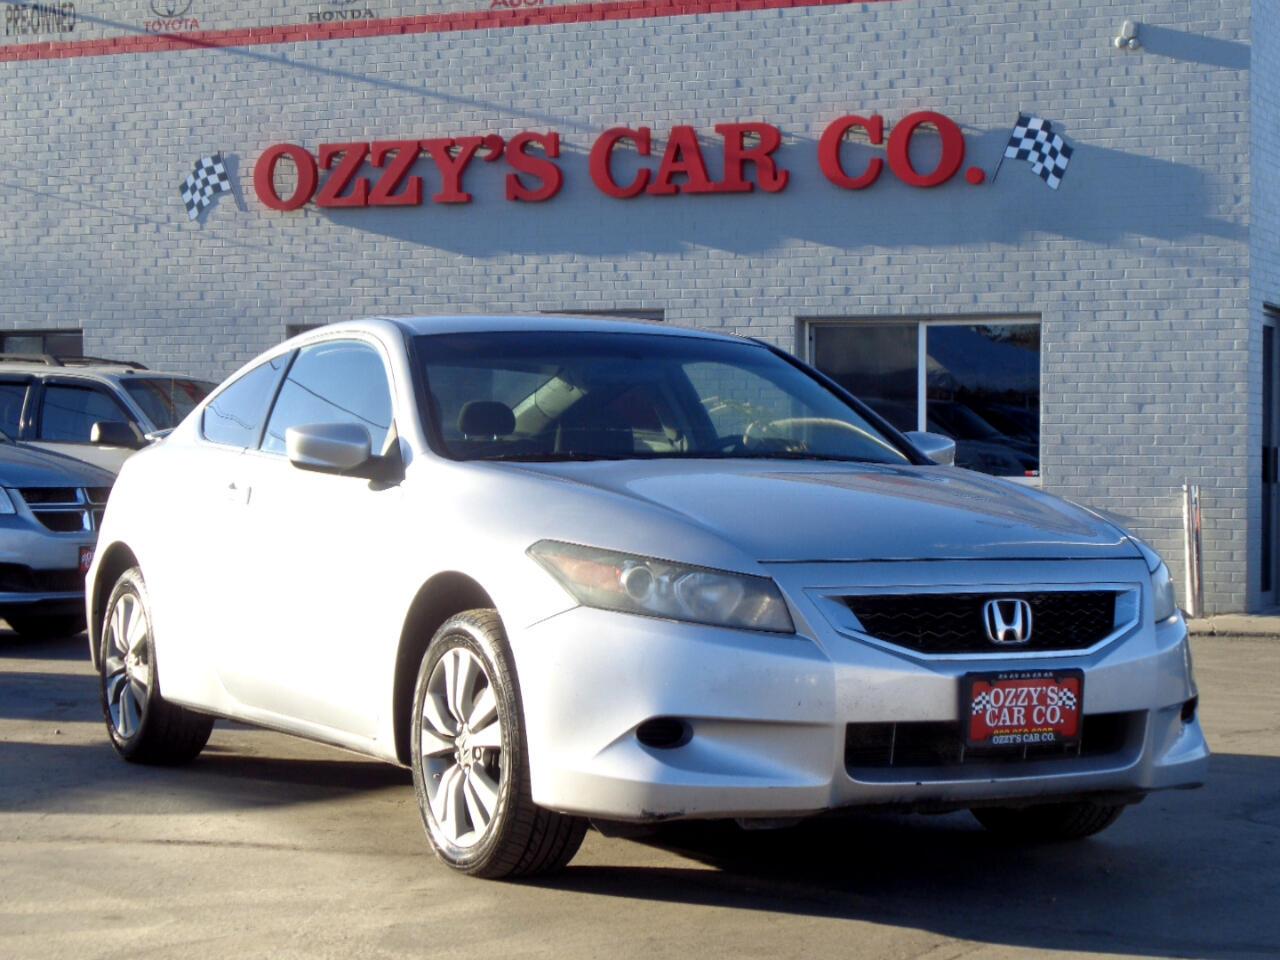 2008 Honda Accord Cpe 2dr I4 Auto LX-S